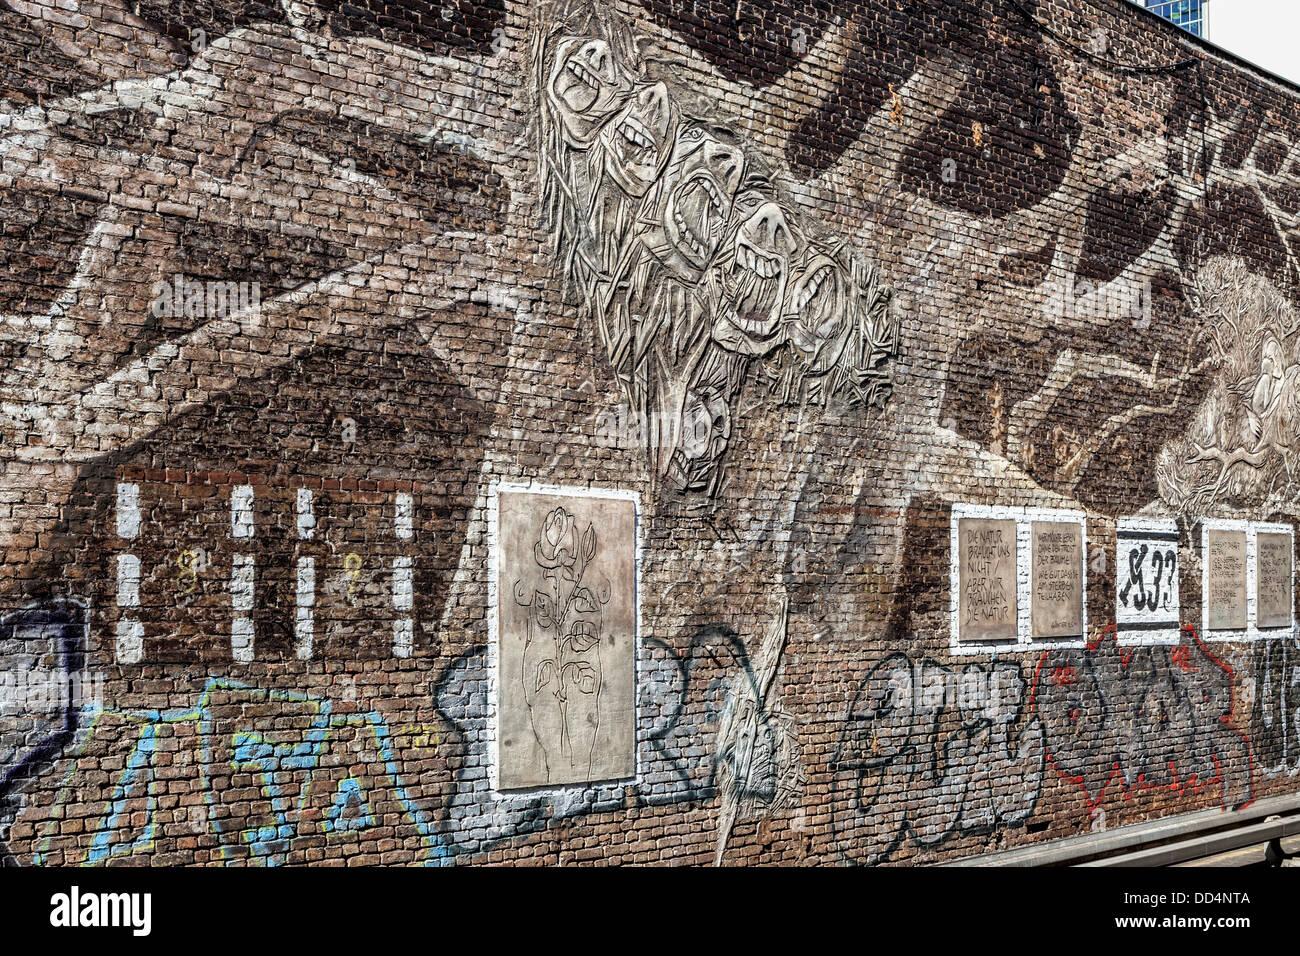 Brick Wall Art art work, quotations and graffiti on a brick wall at the db stock